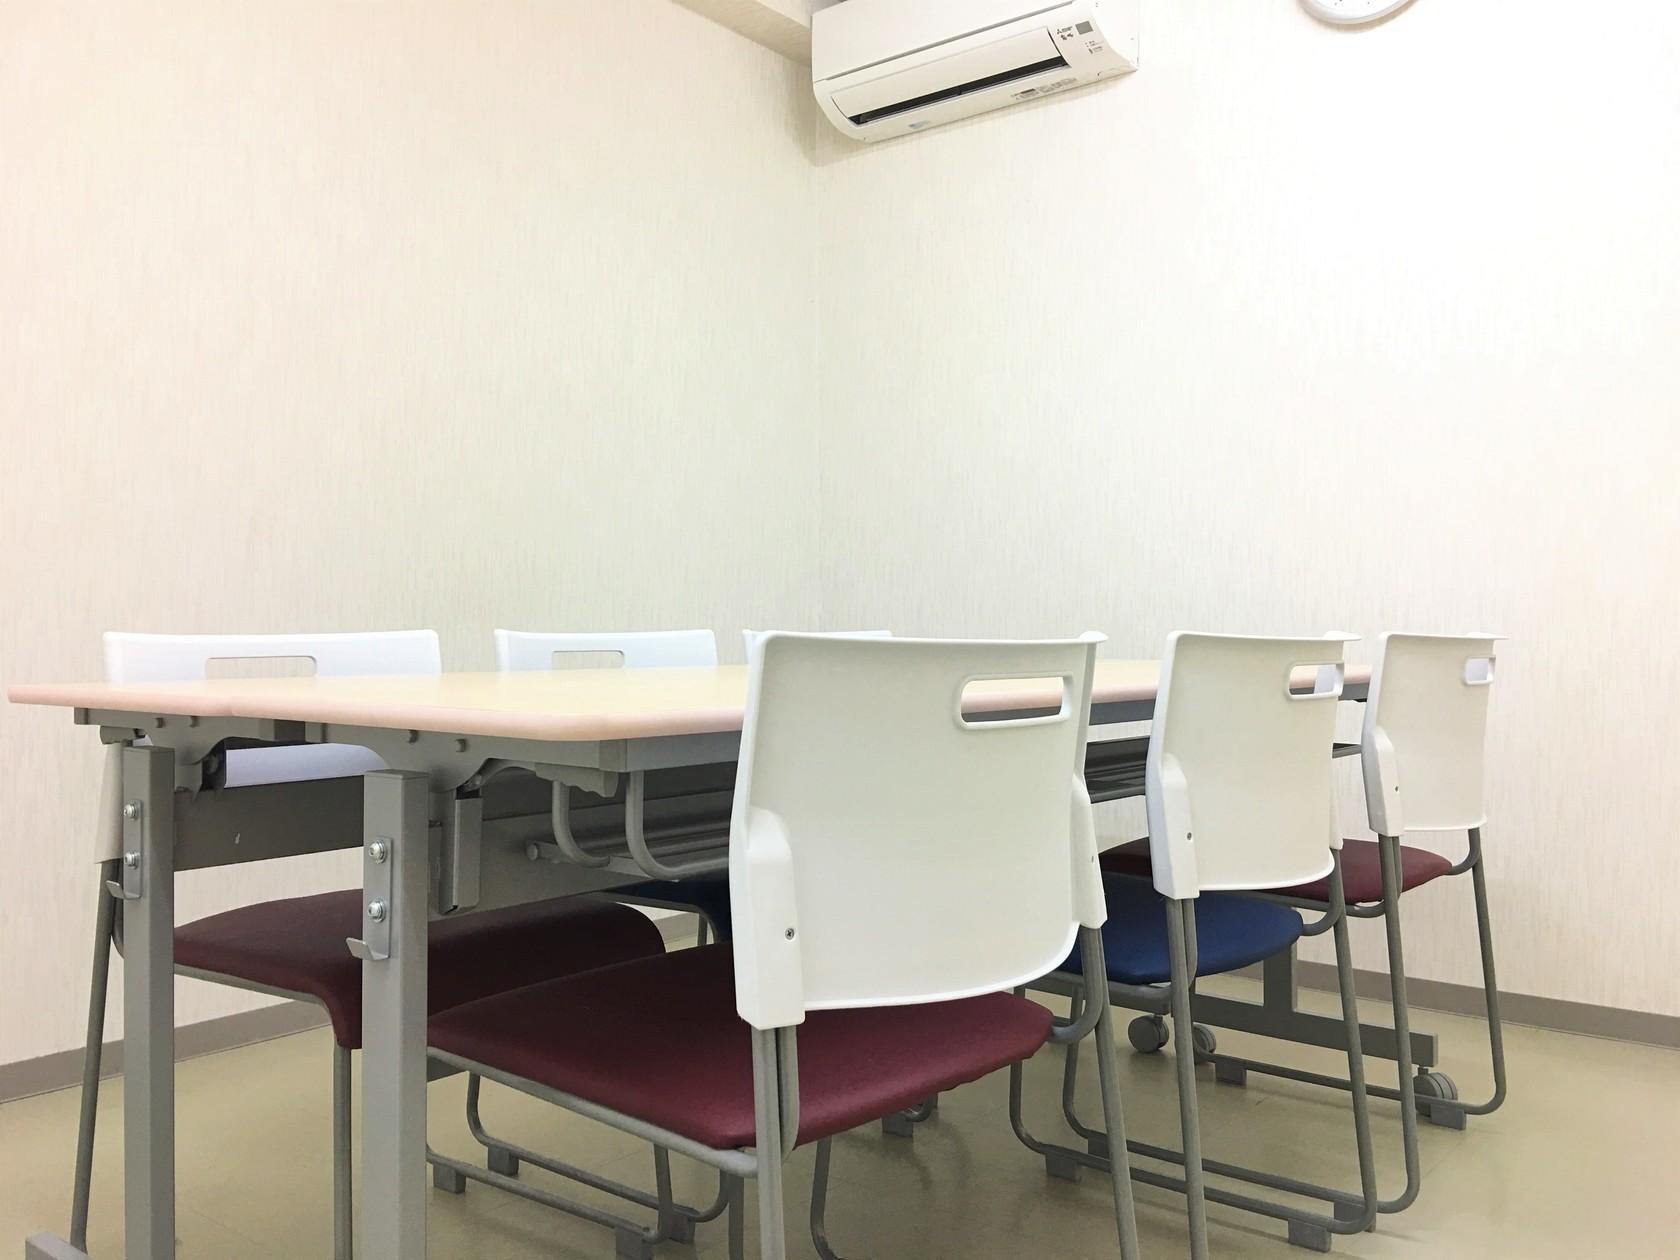 名古屋駅から徒歩6分 最大6名まで 小規模な会議に最適なkatanaオフィス名駅小会議室(名古屋駅から徒歩6分 18名まで 小規模なセミナーや会議に最適なkatanaオフィス名駅会議室) の写真0